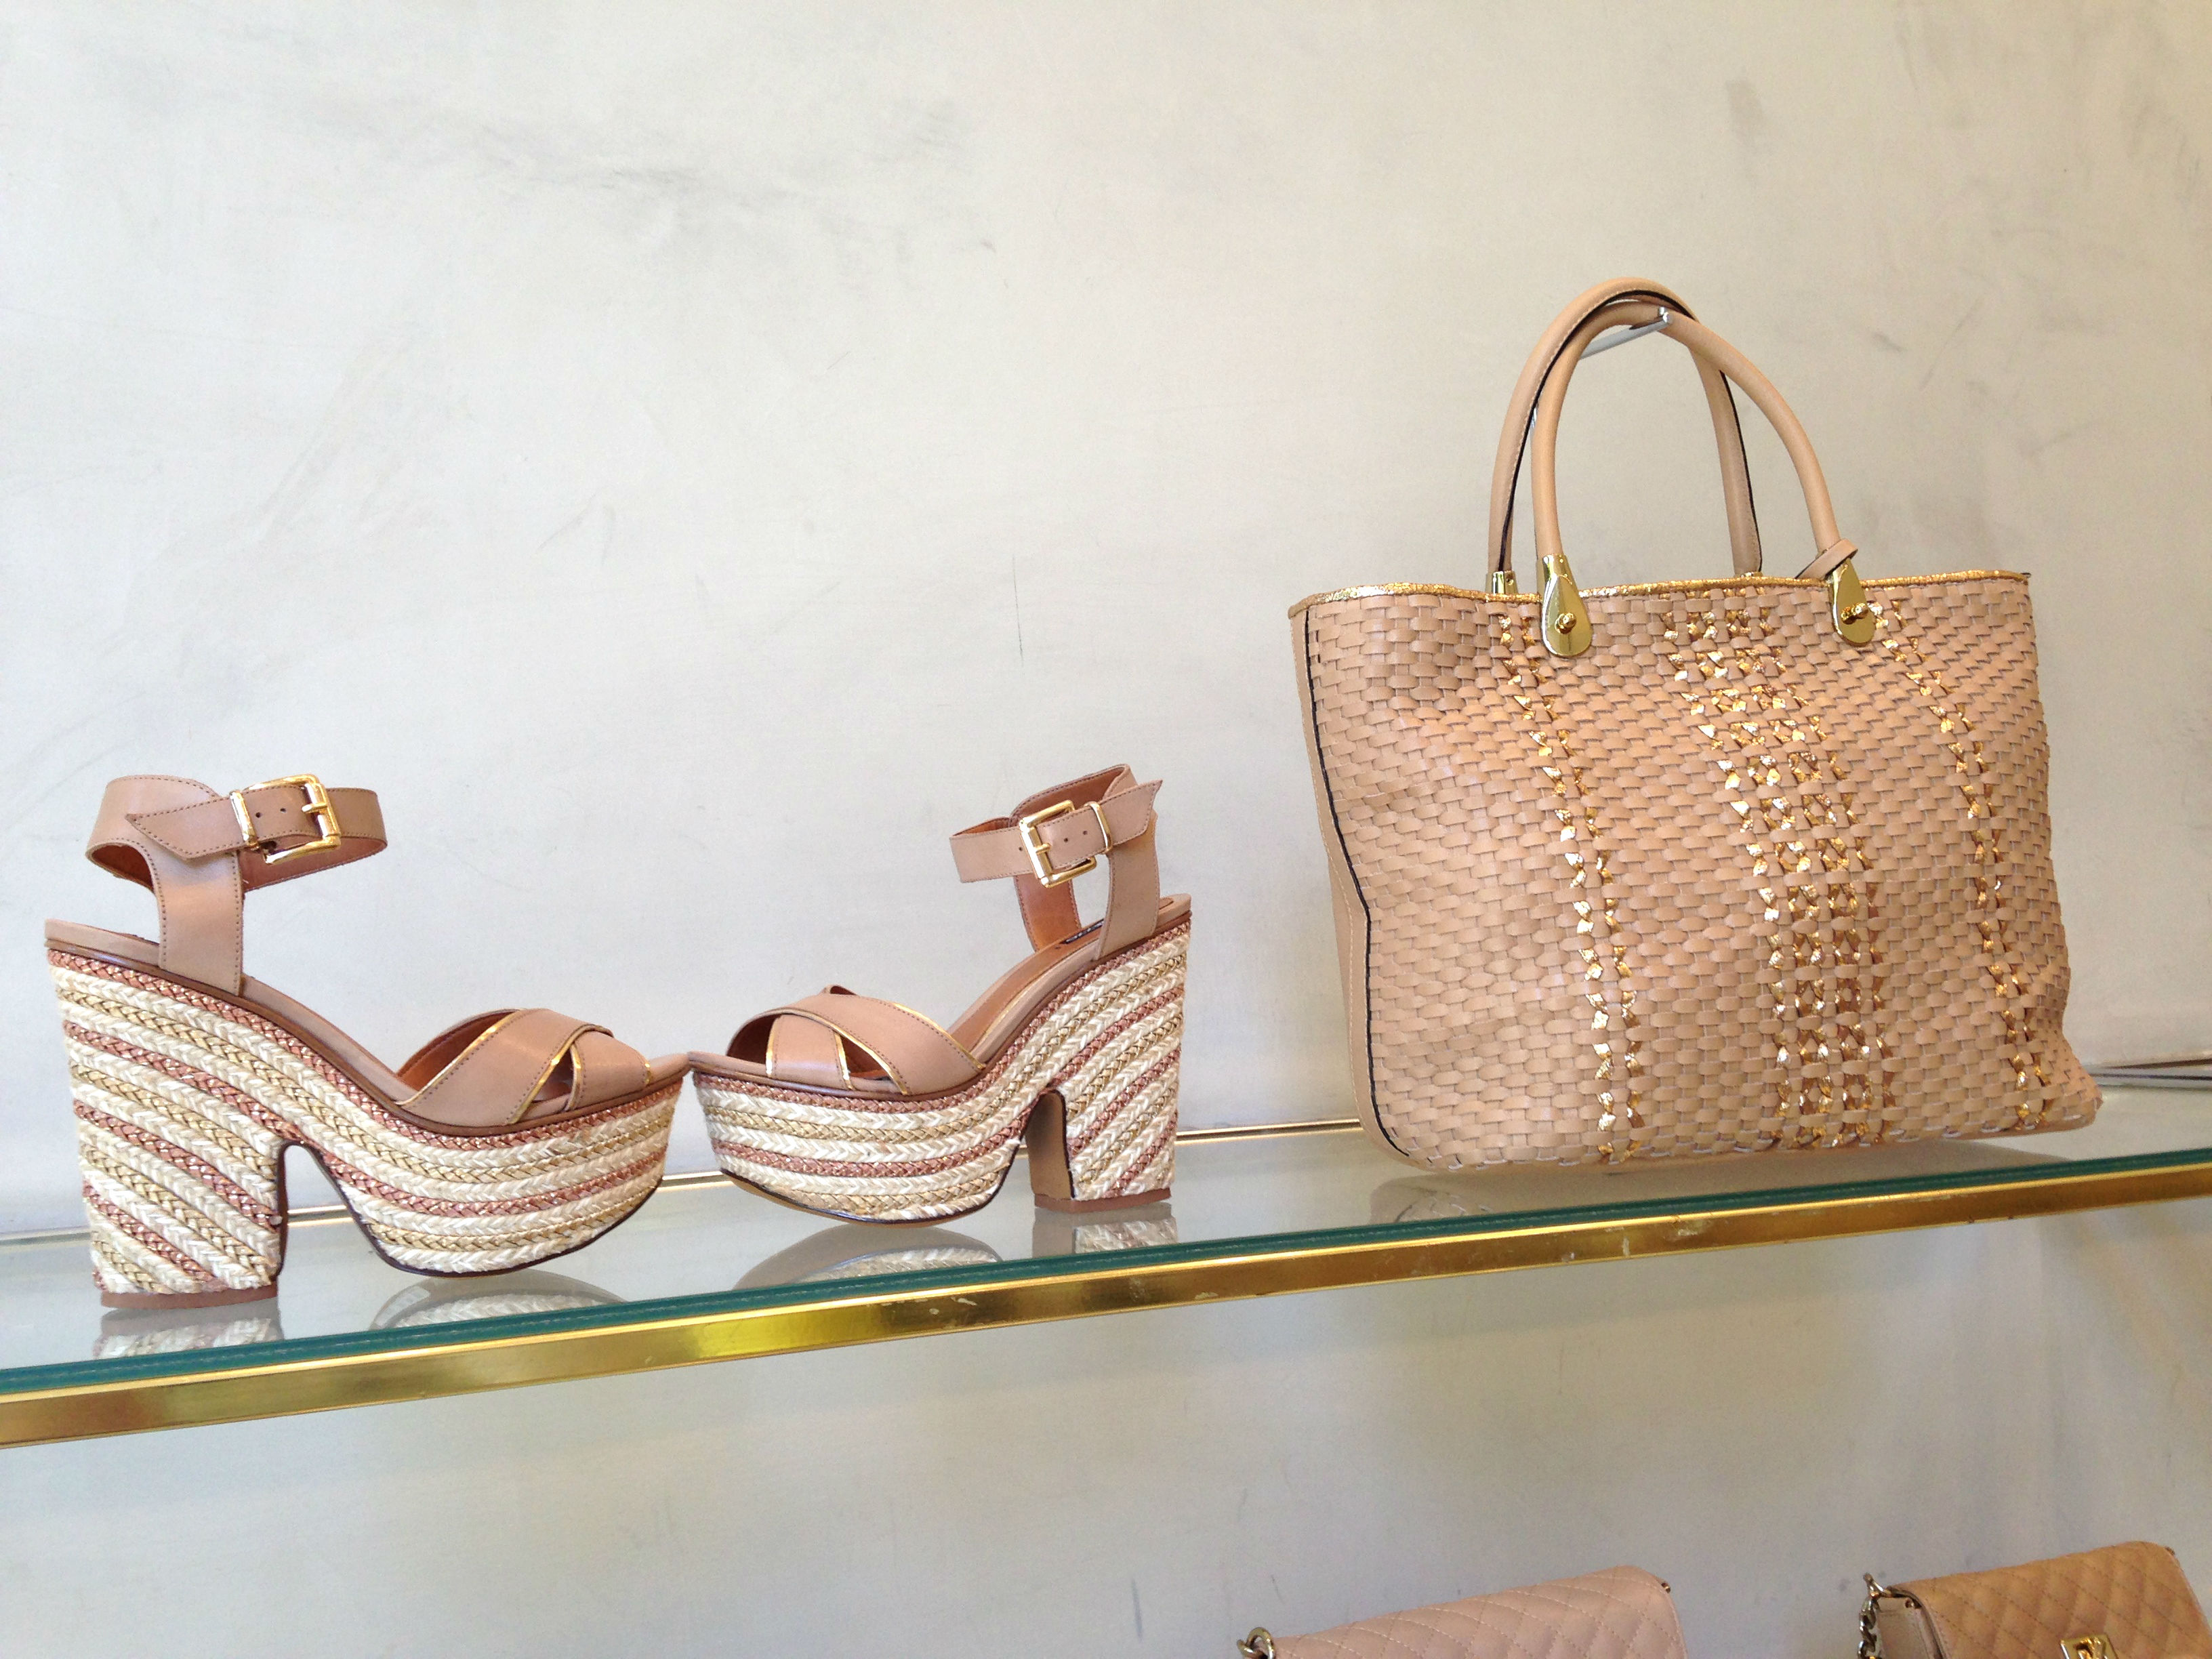 adaf47ac6 lançamento-sapatos-arezzo-verão-2015 - Alessandra Faria Fashion & Beauty